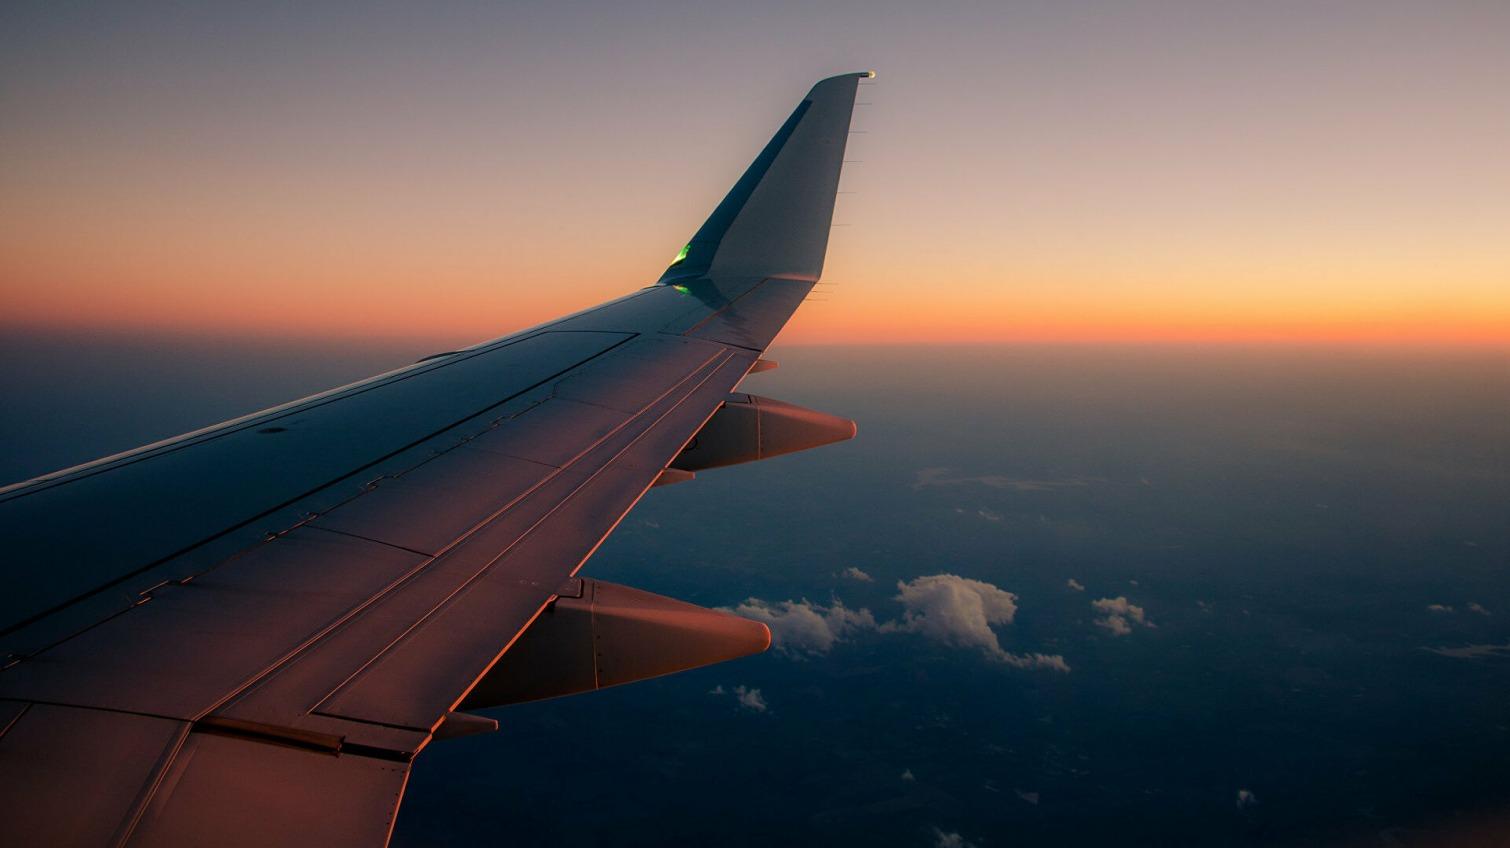 В зоне риска: Канада рекомендовала авиакомпаниям быть осторожными при полетах над Одессой «фото»